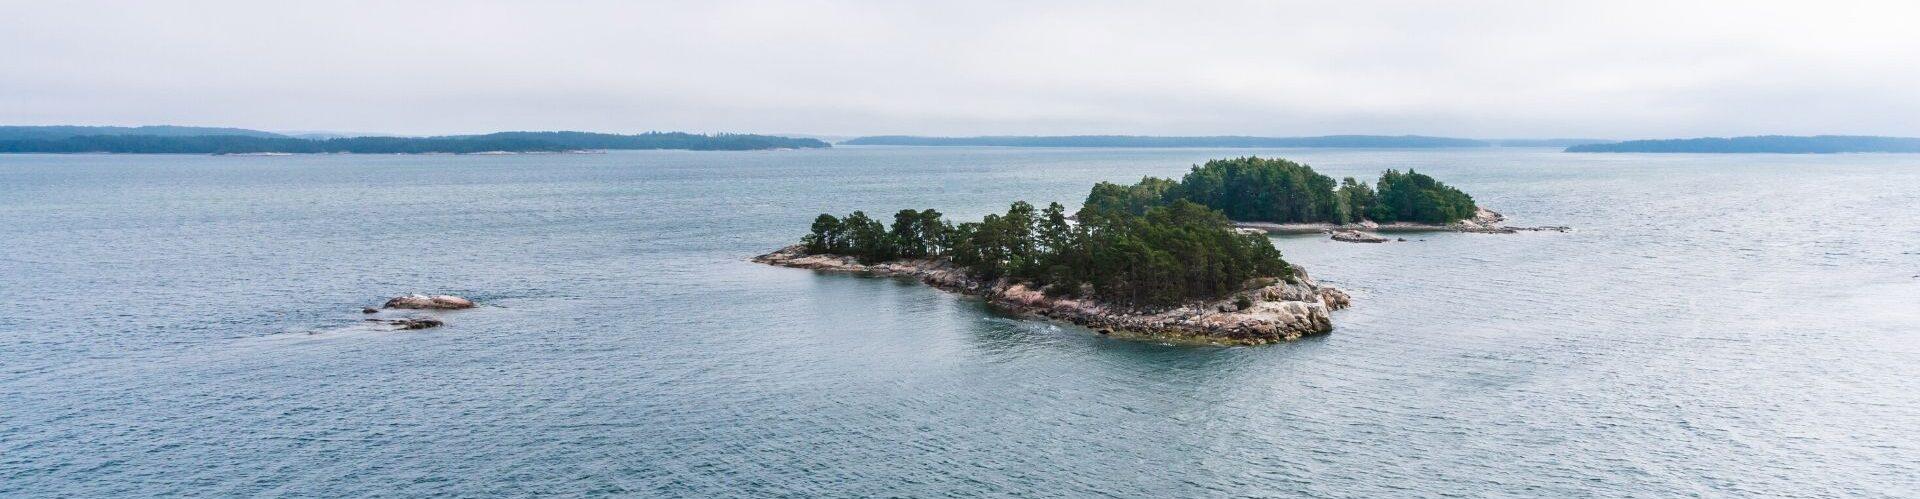 Soome saarestik